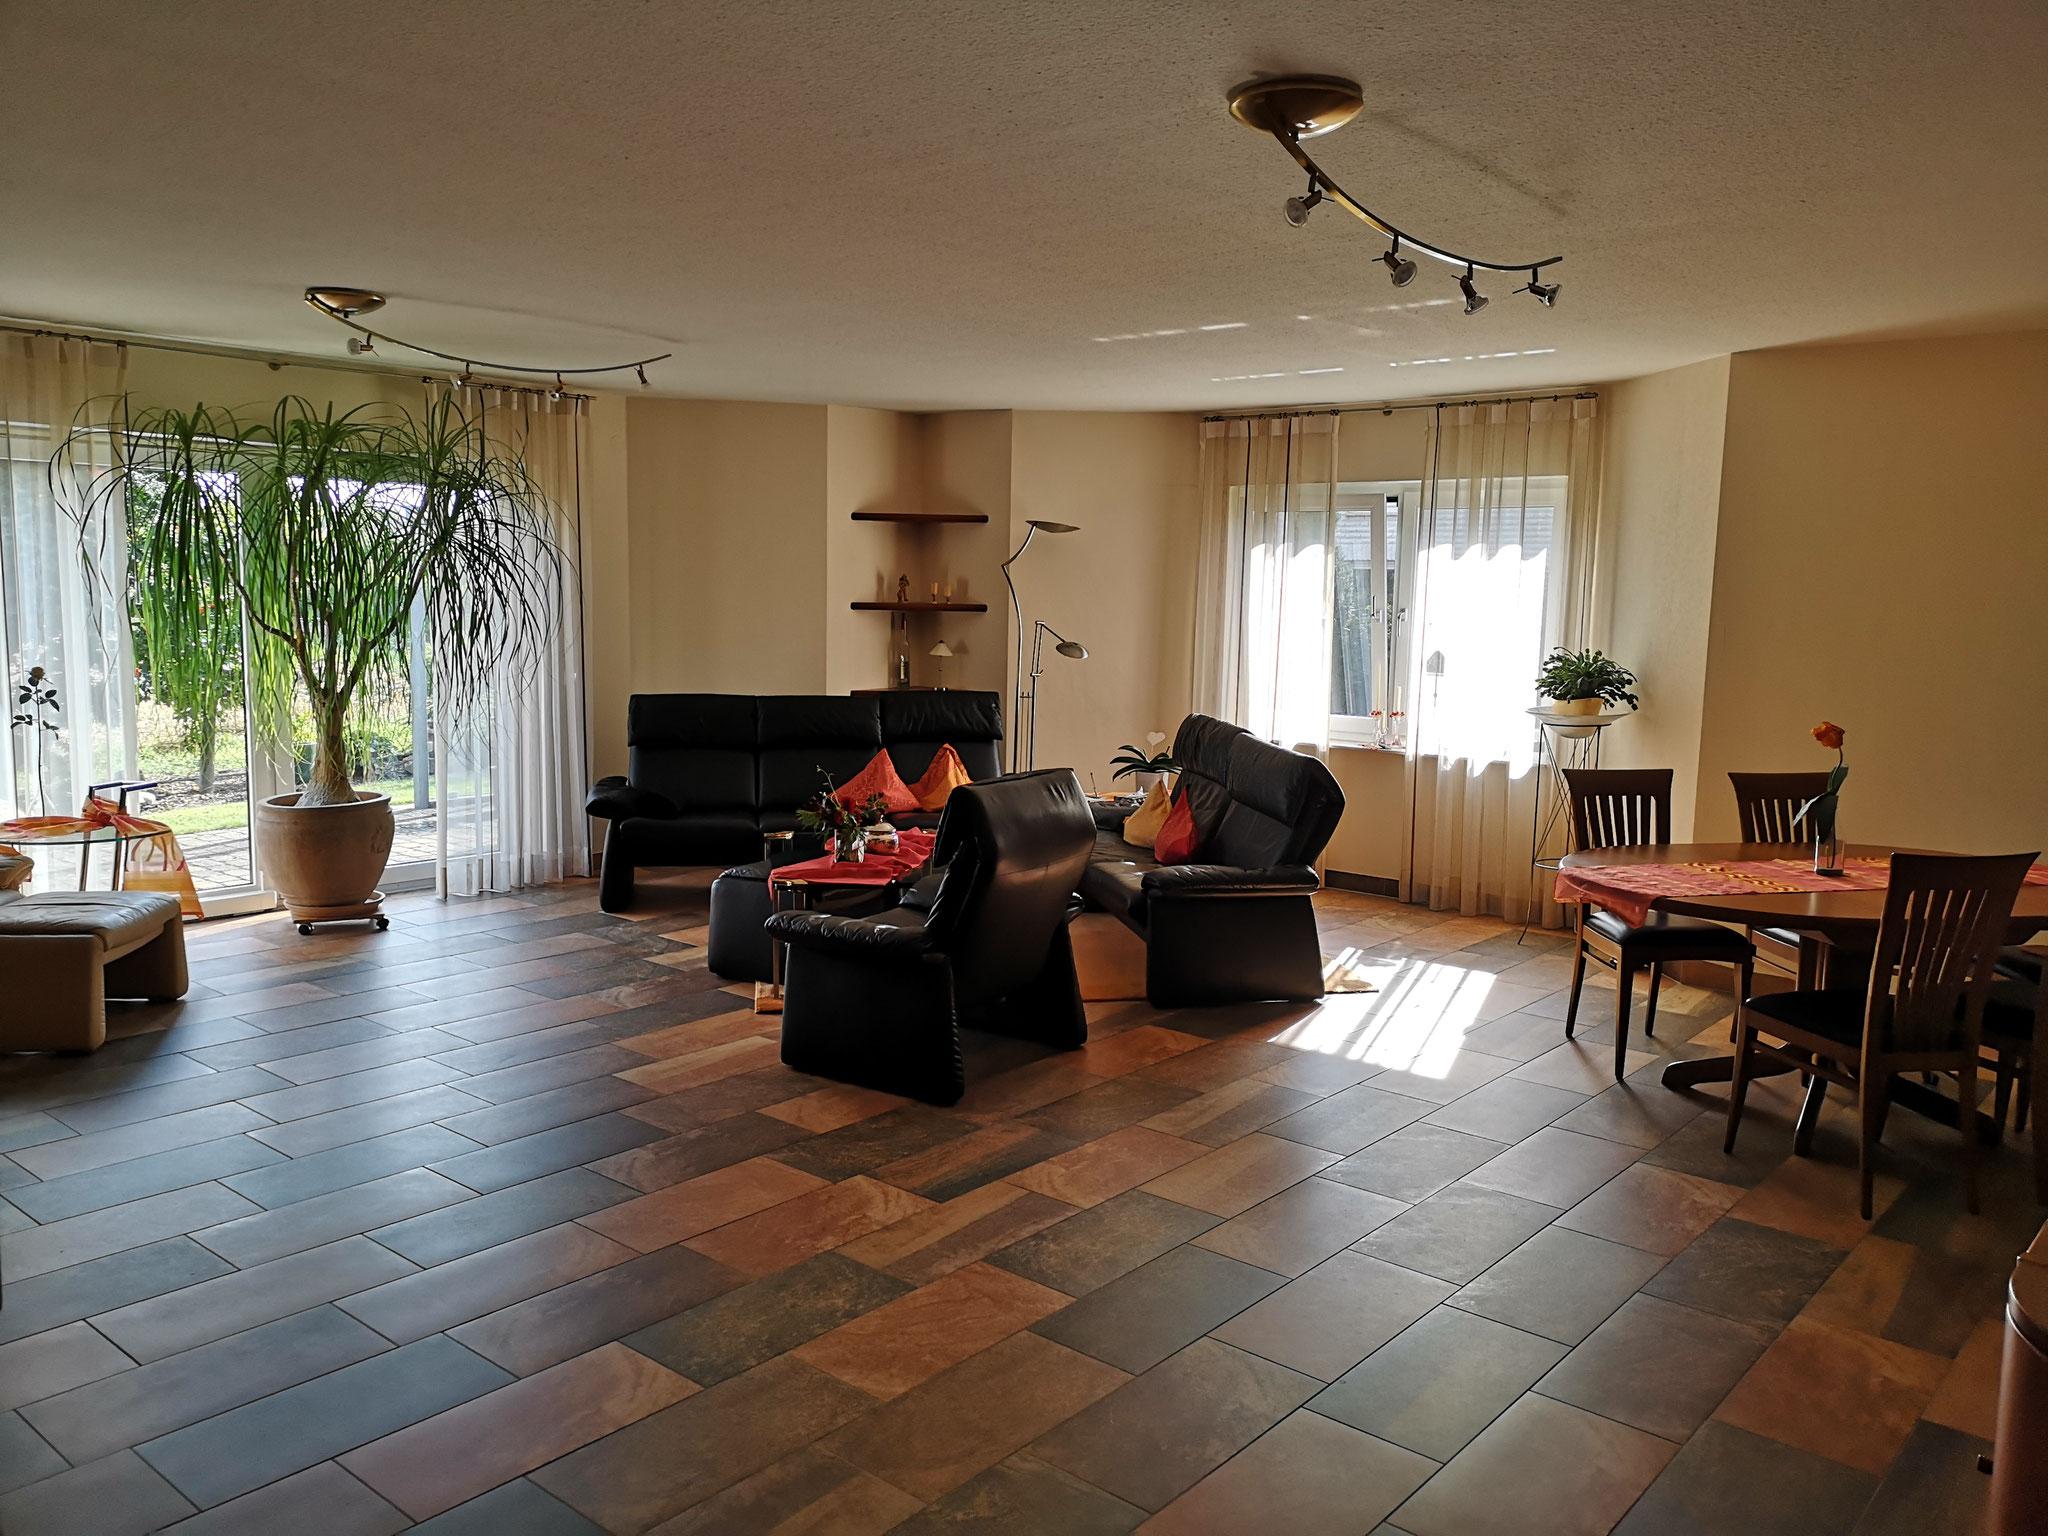 Hier kam kein Weitwinkelobjektiv zum Einsatz - das Wohnzimmer ist so groß!